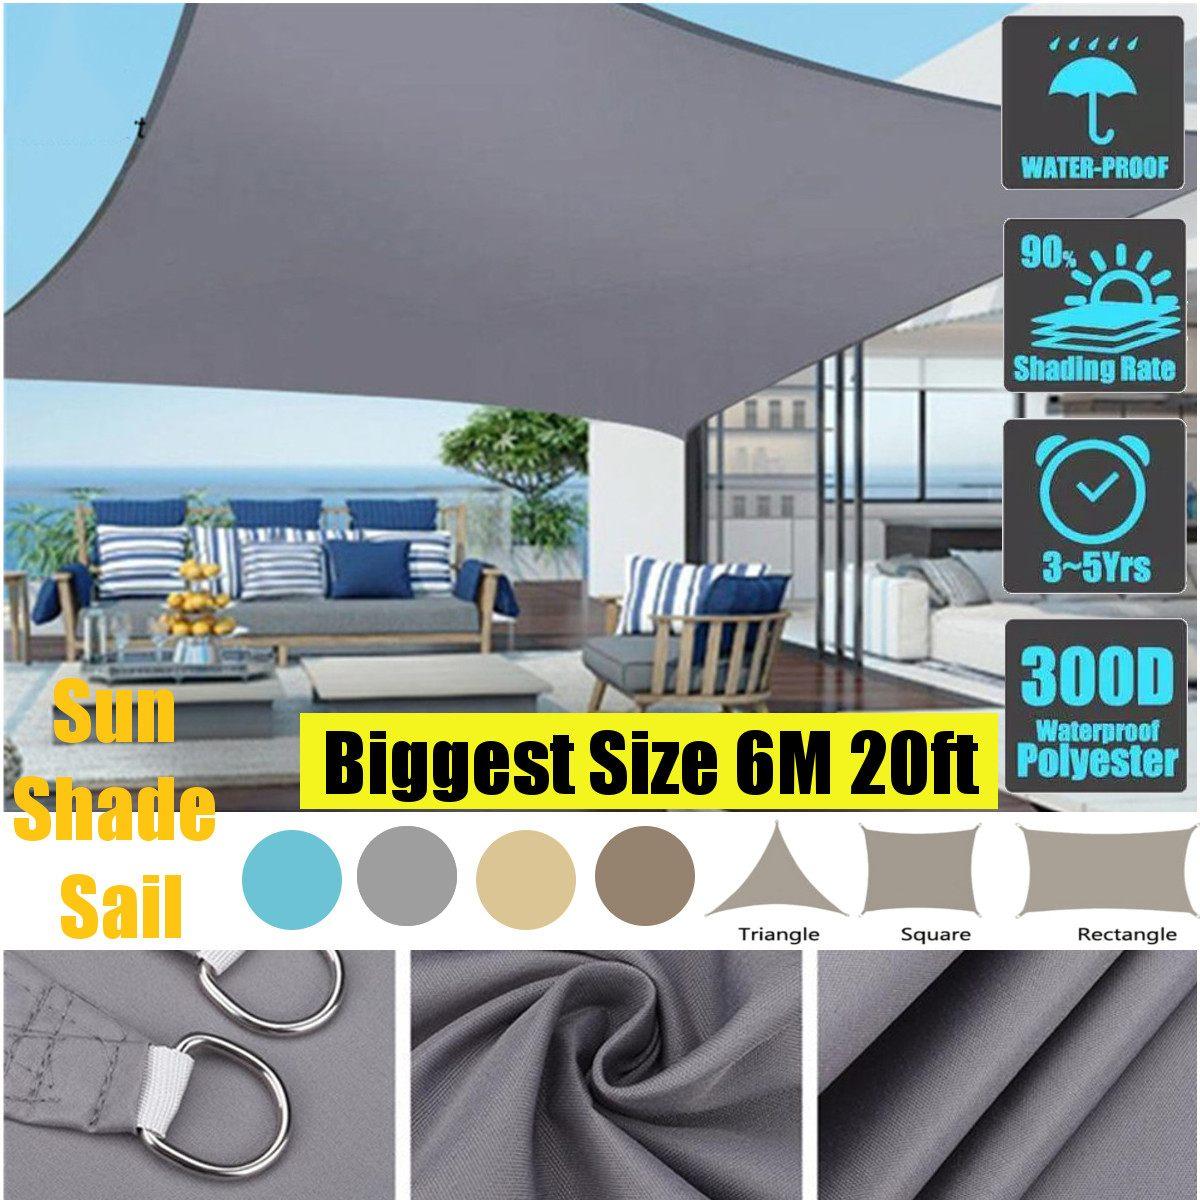 6 متر 20ft 300GSM مقاوم للماء المظلة ظلة الشمس الظل الشراع للخارجية حديقة الشاطئ التخييم الباحة تجمع الشمس خيمة مظلة الشمس المأوى